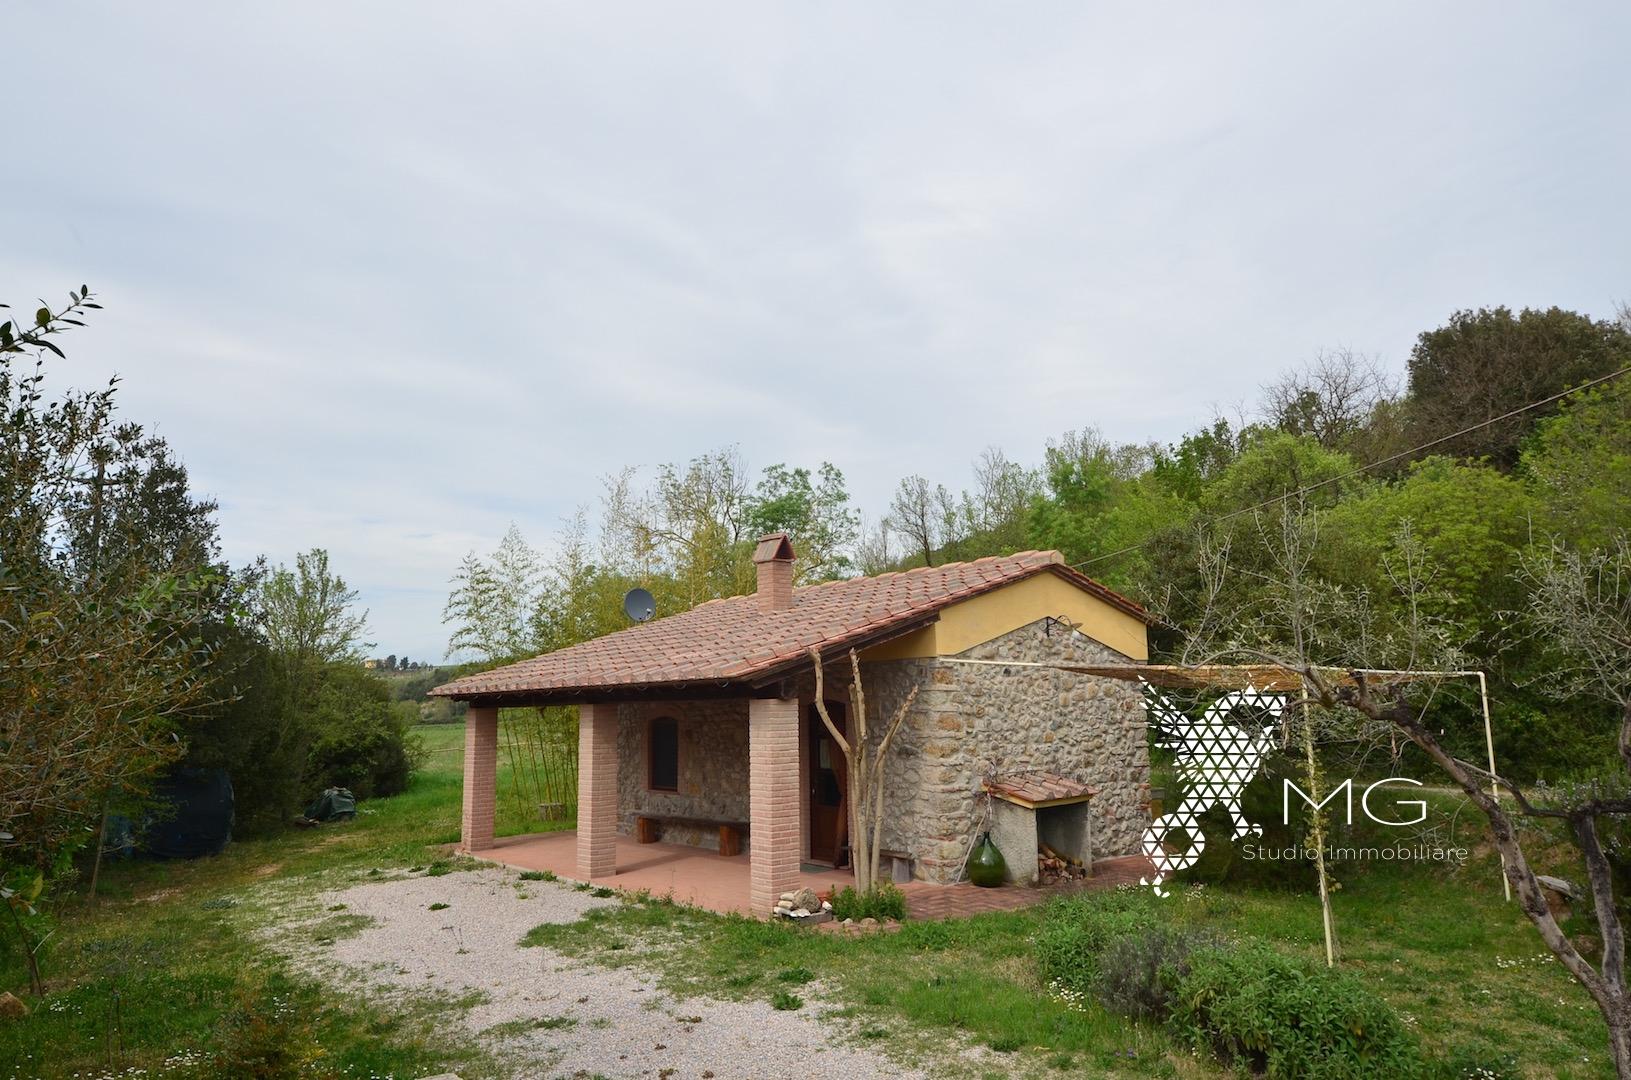 Bilocale Montecatini Val di Cecina Via Dei Tre Comuni 9